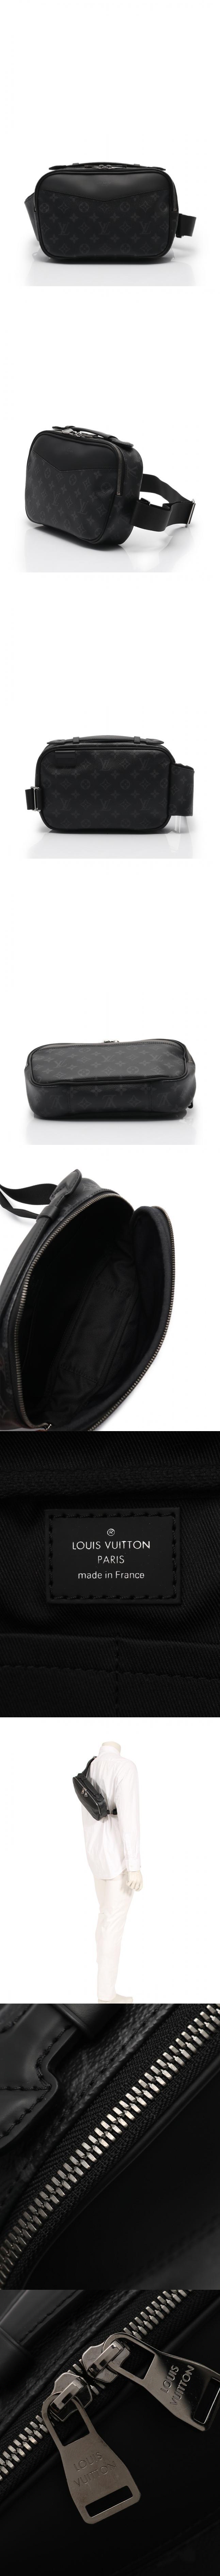 ボディバッグ ウエストポーチ バムバッグ モノグラムエクリプス 黒 M42906 PVC レザー